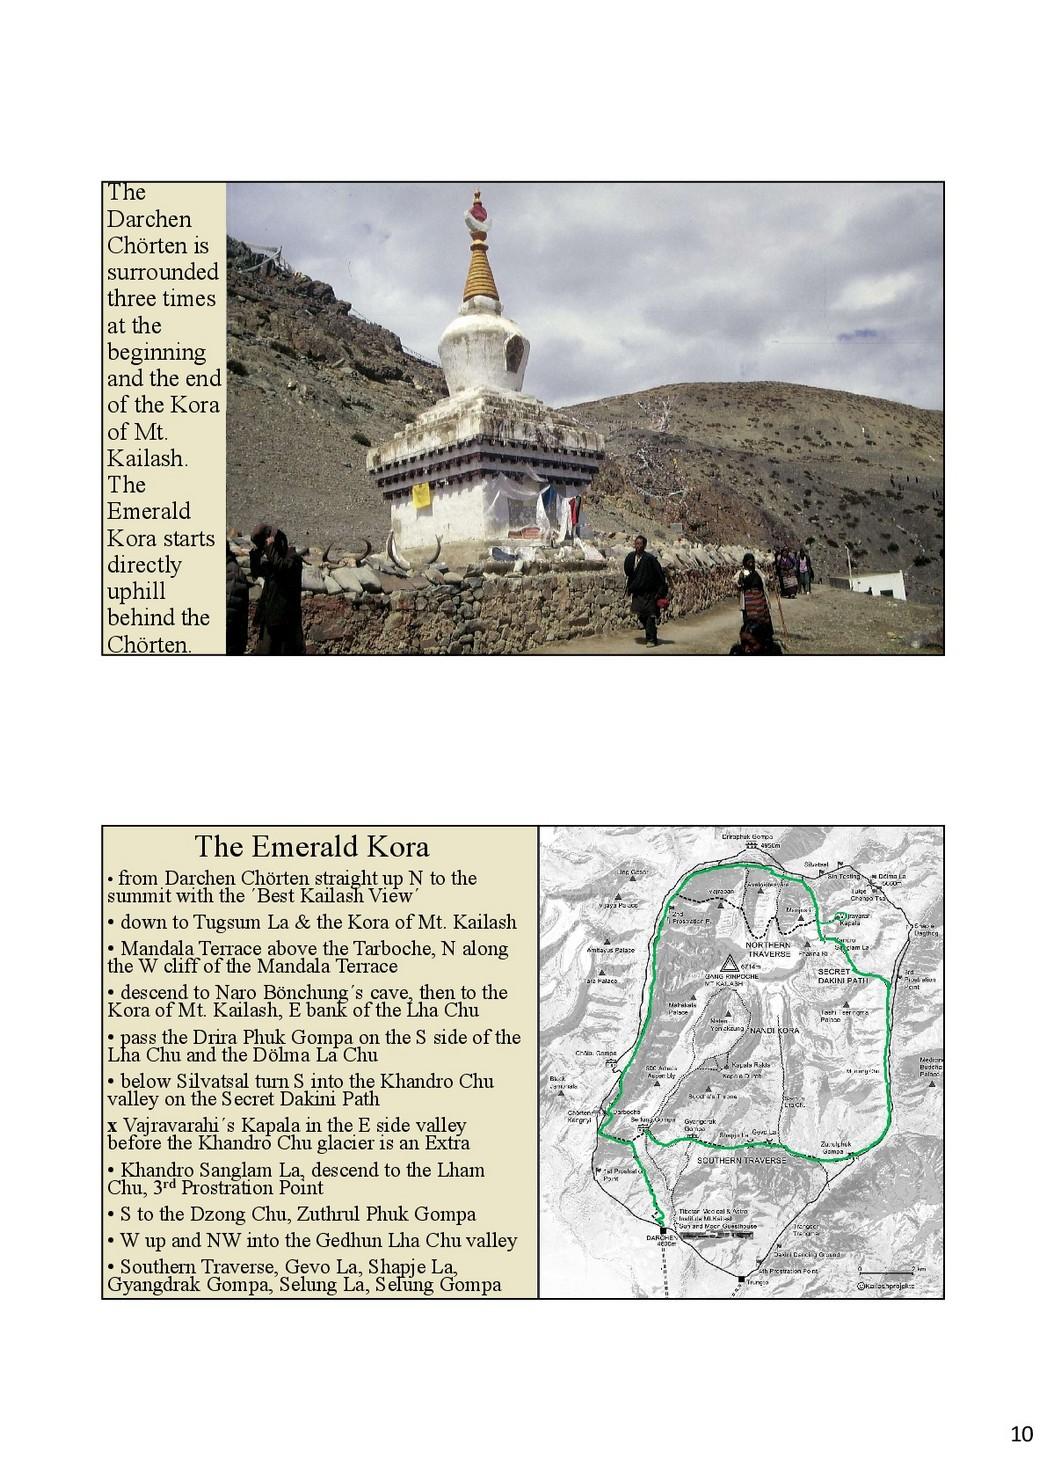 Spiral-Kora-of-Mt.-Kailash-10